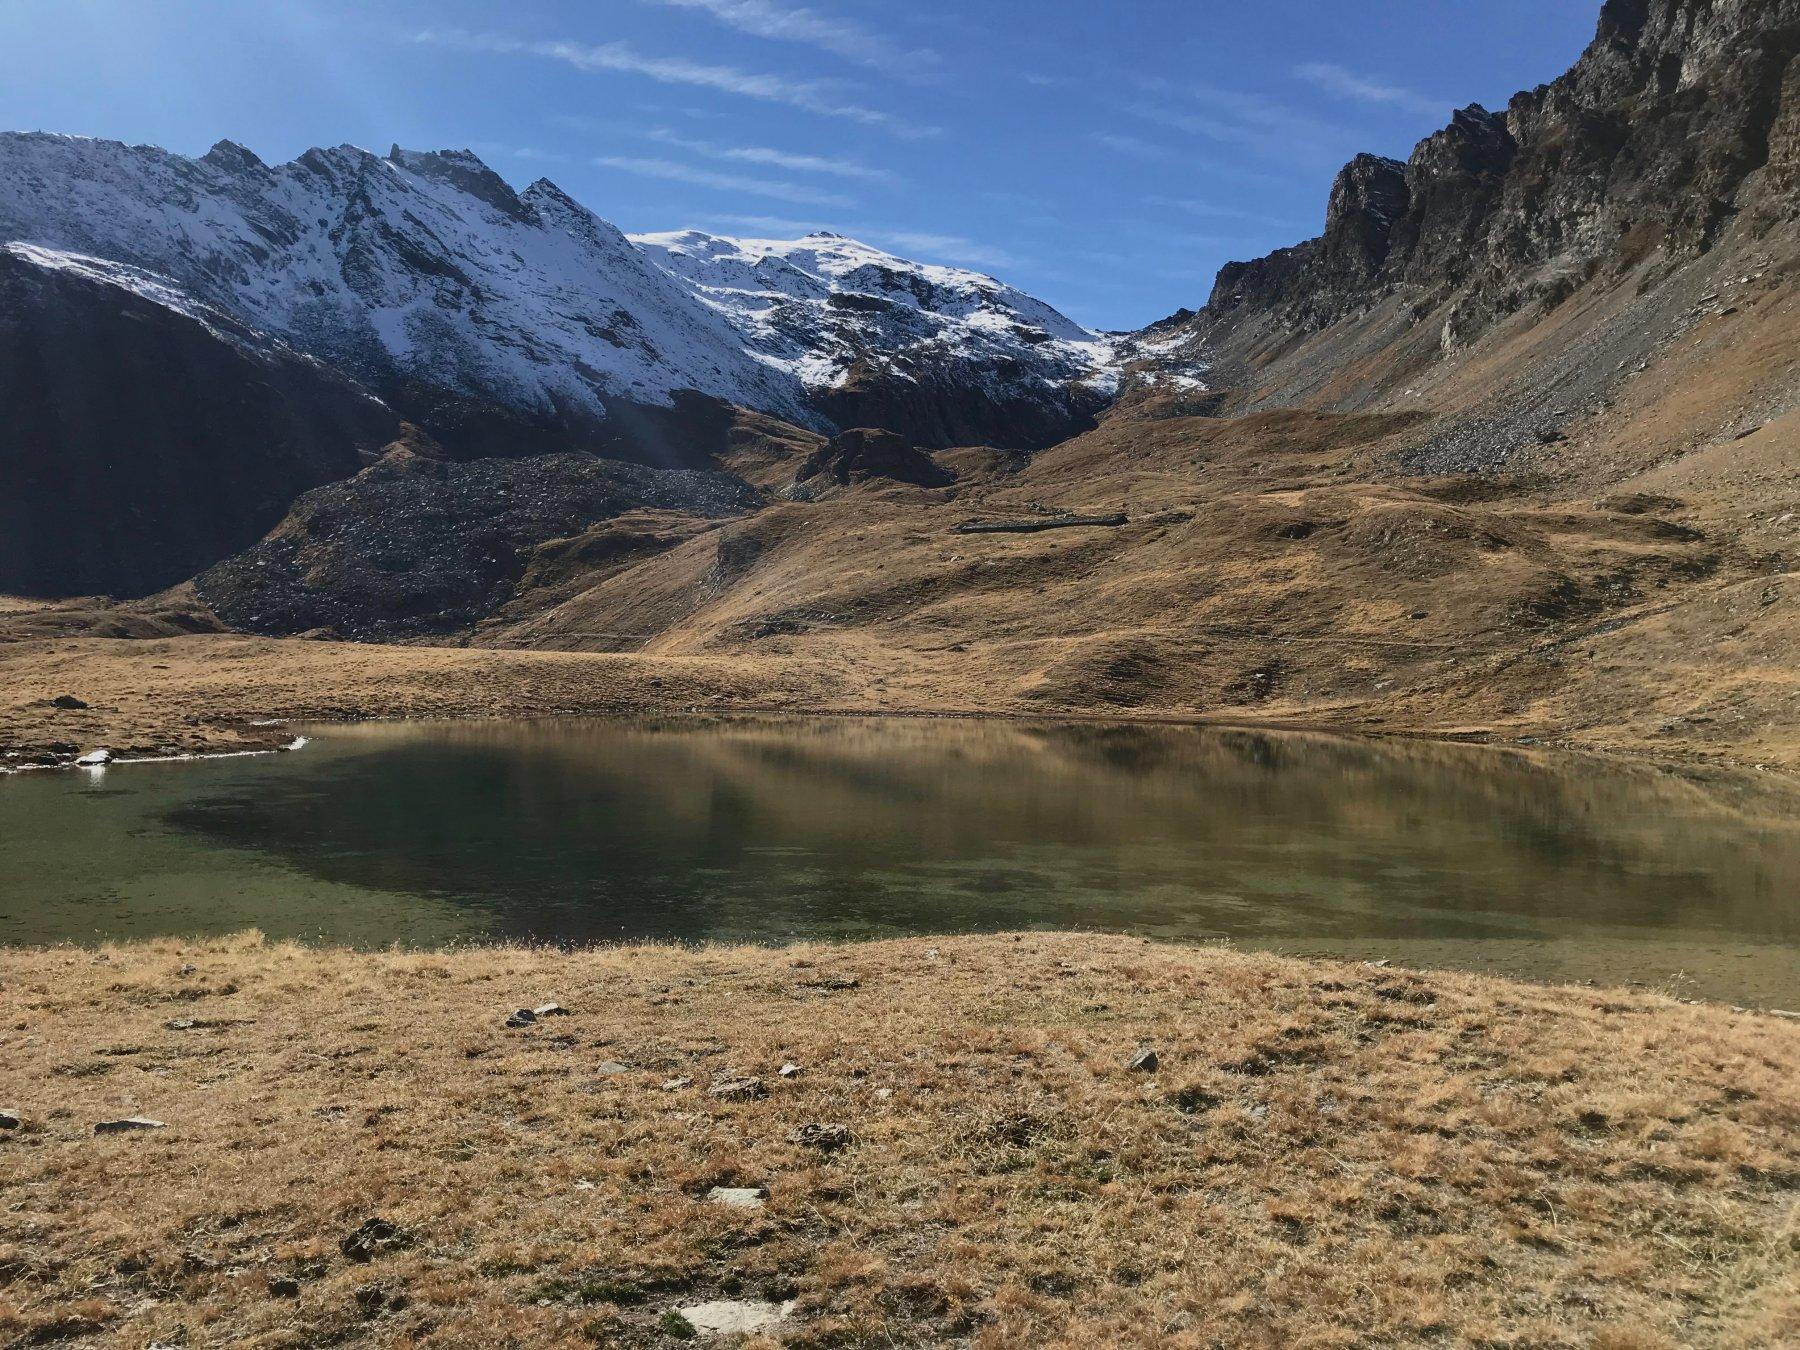 Djouan (Lago) da Degioz 2018-10-21